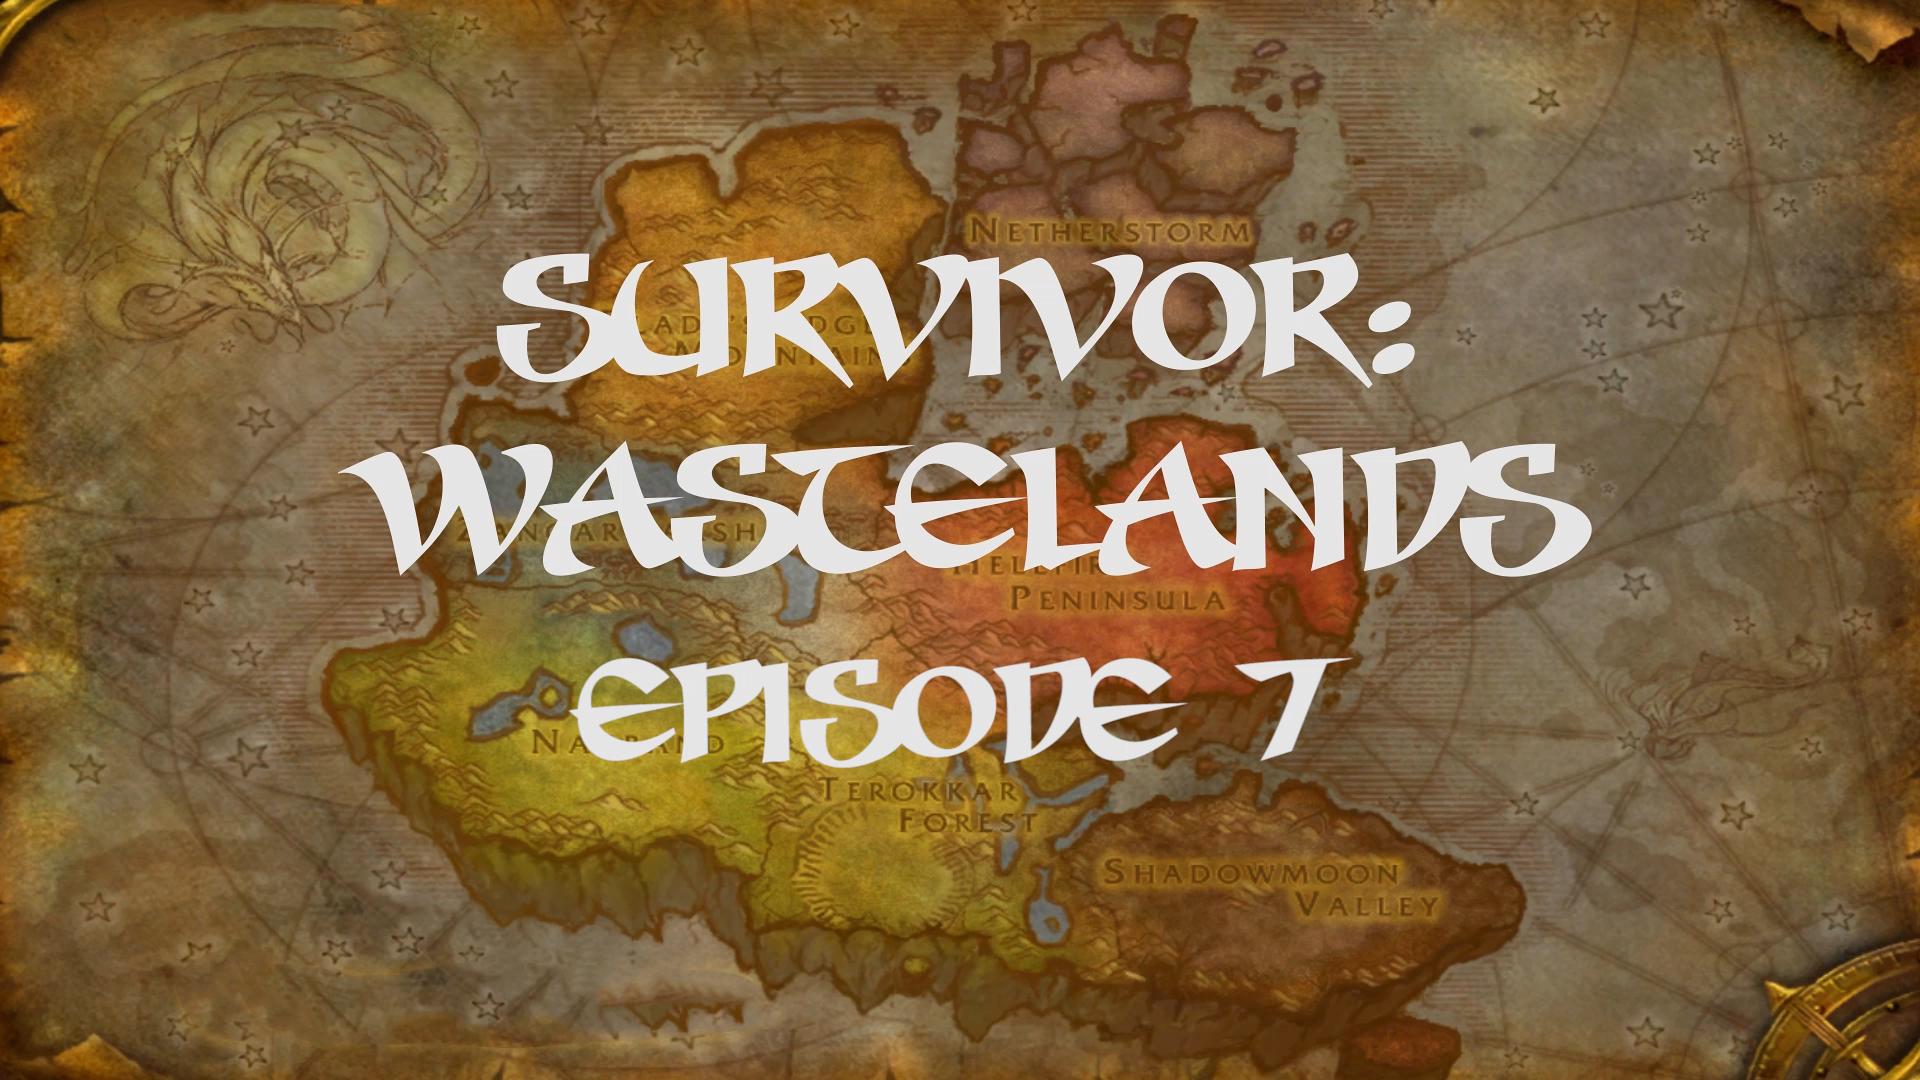 Survivor Wastelands Episode 7.jpg